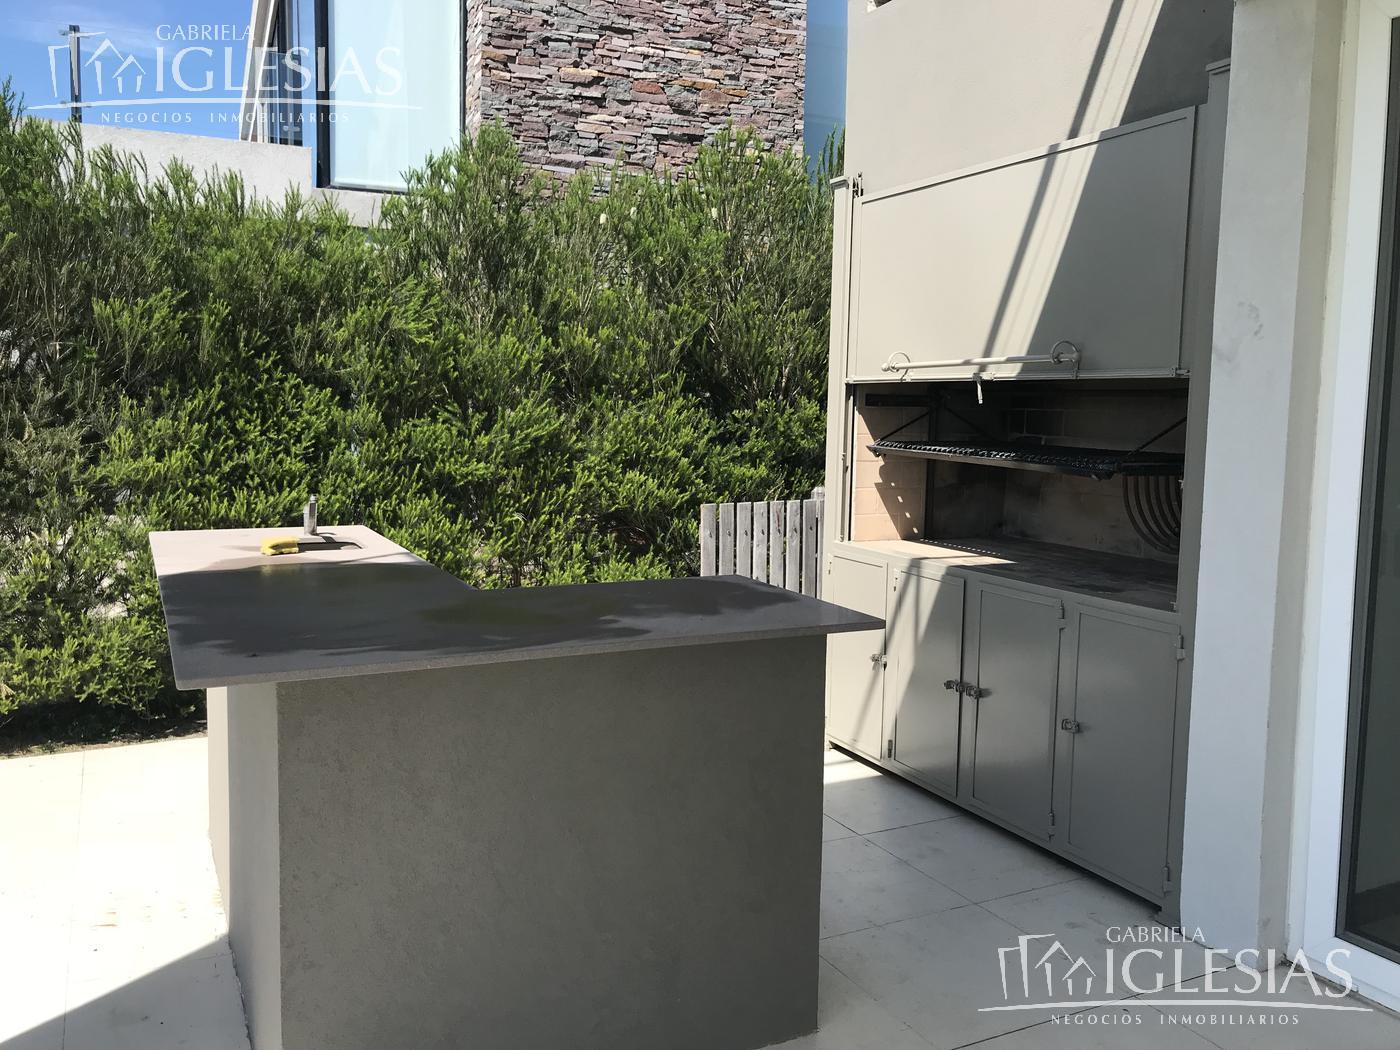 Casa en Venta en Nordelta Los Alisos a Venta - u$s 870.000